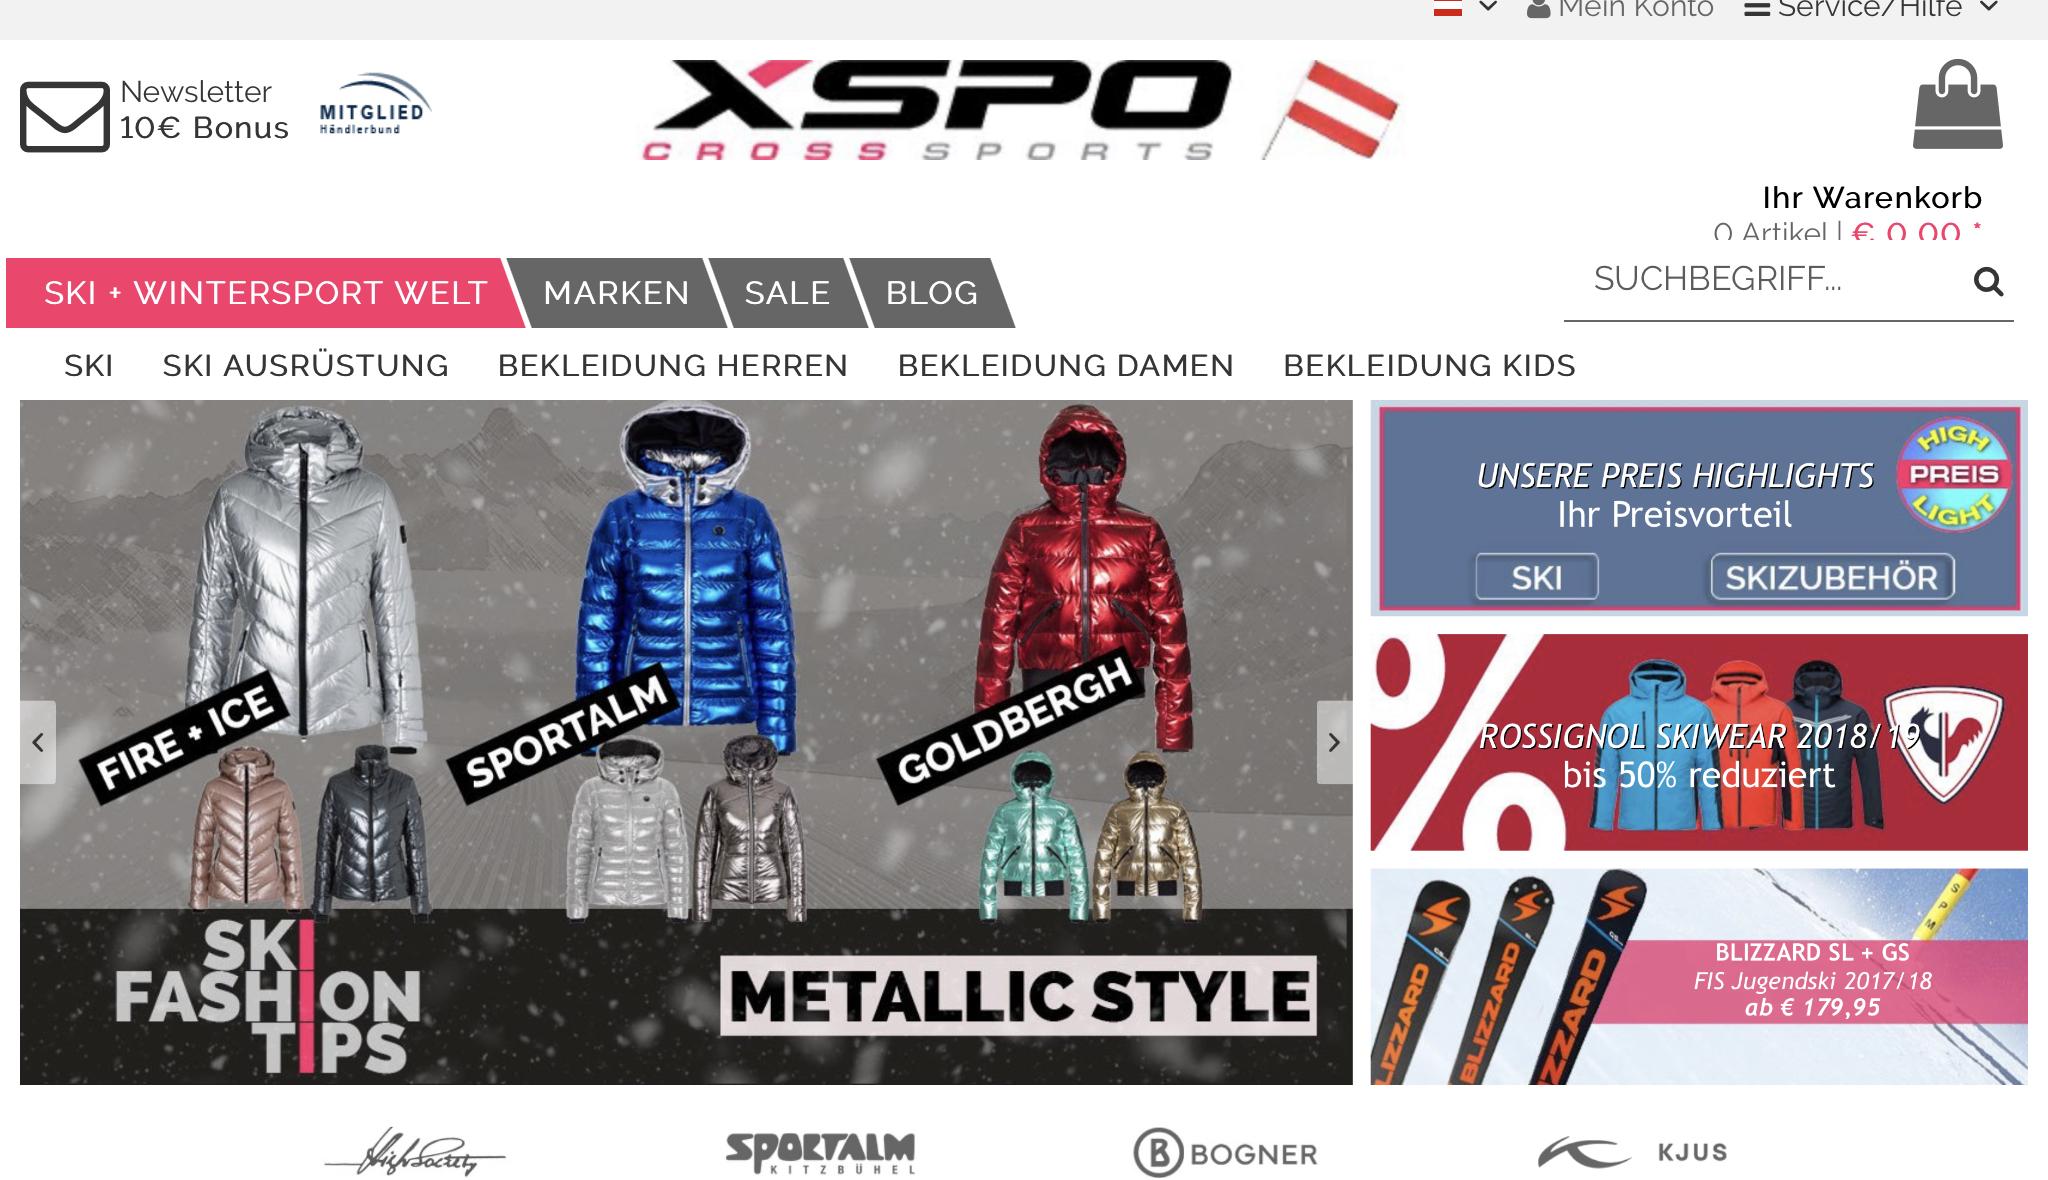 XSPO Newsletter abonnieren + € 10,00 Gutschein sichern MBW 60€